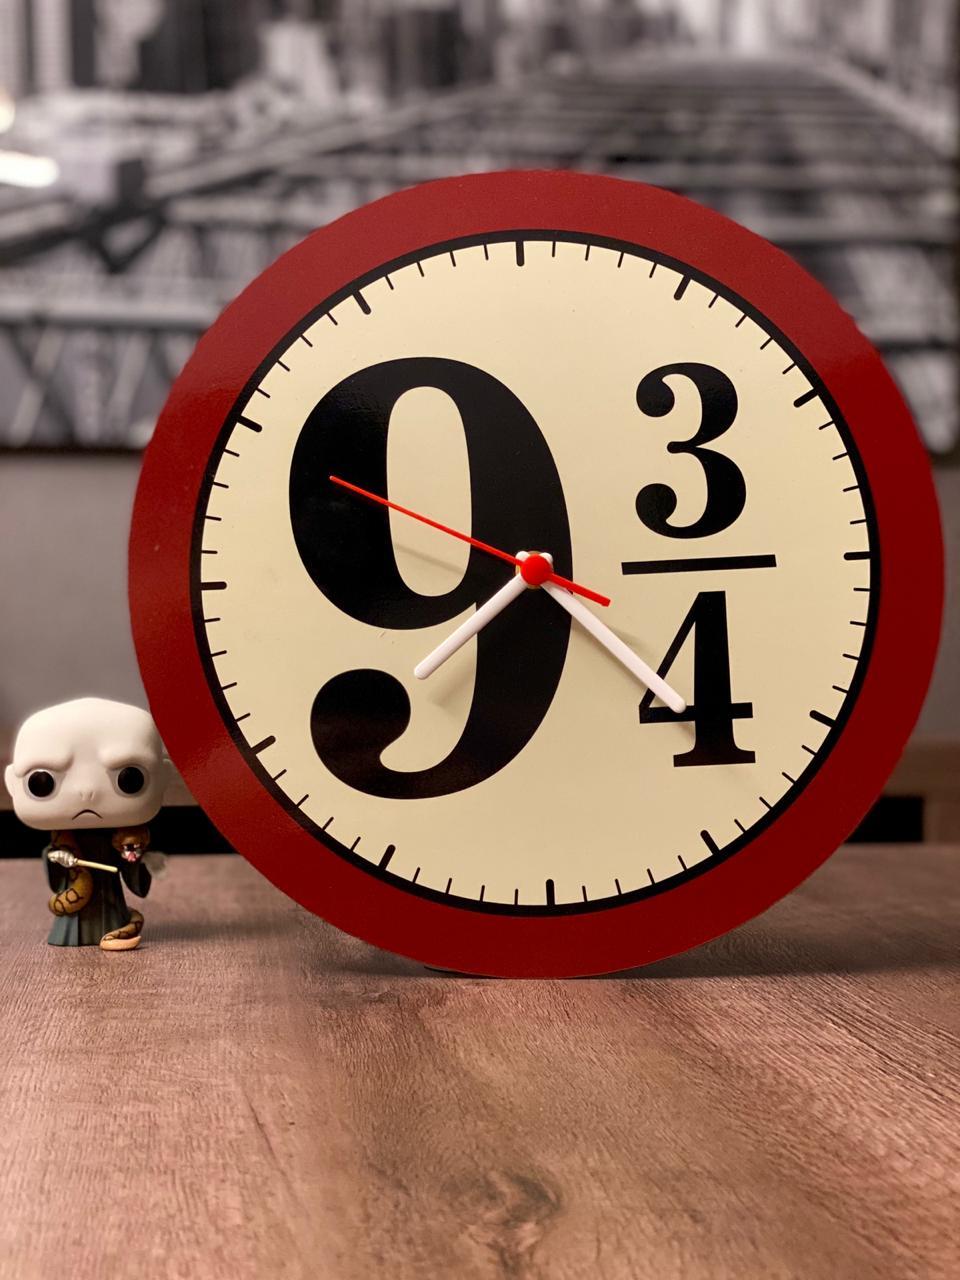 Relógio de Parede Vermelho Estação 9 3/4 - Harry Potter